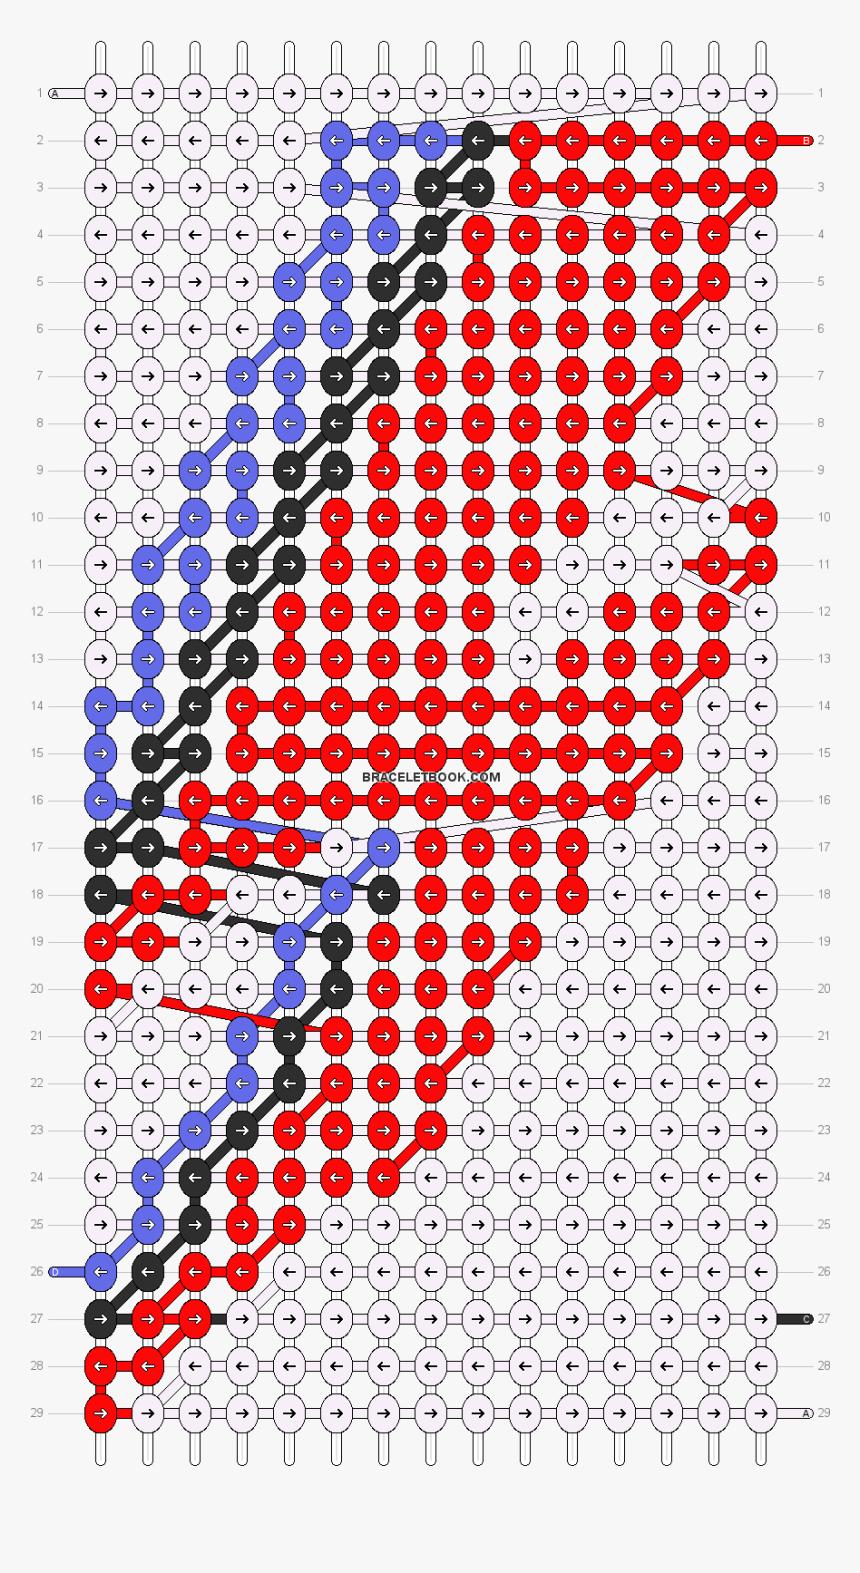 Alpha Pattern David Bowie Friendship Bracelet Patterns Hd Png Download Kindpng